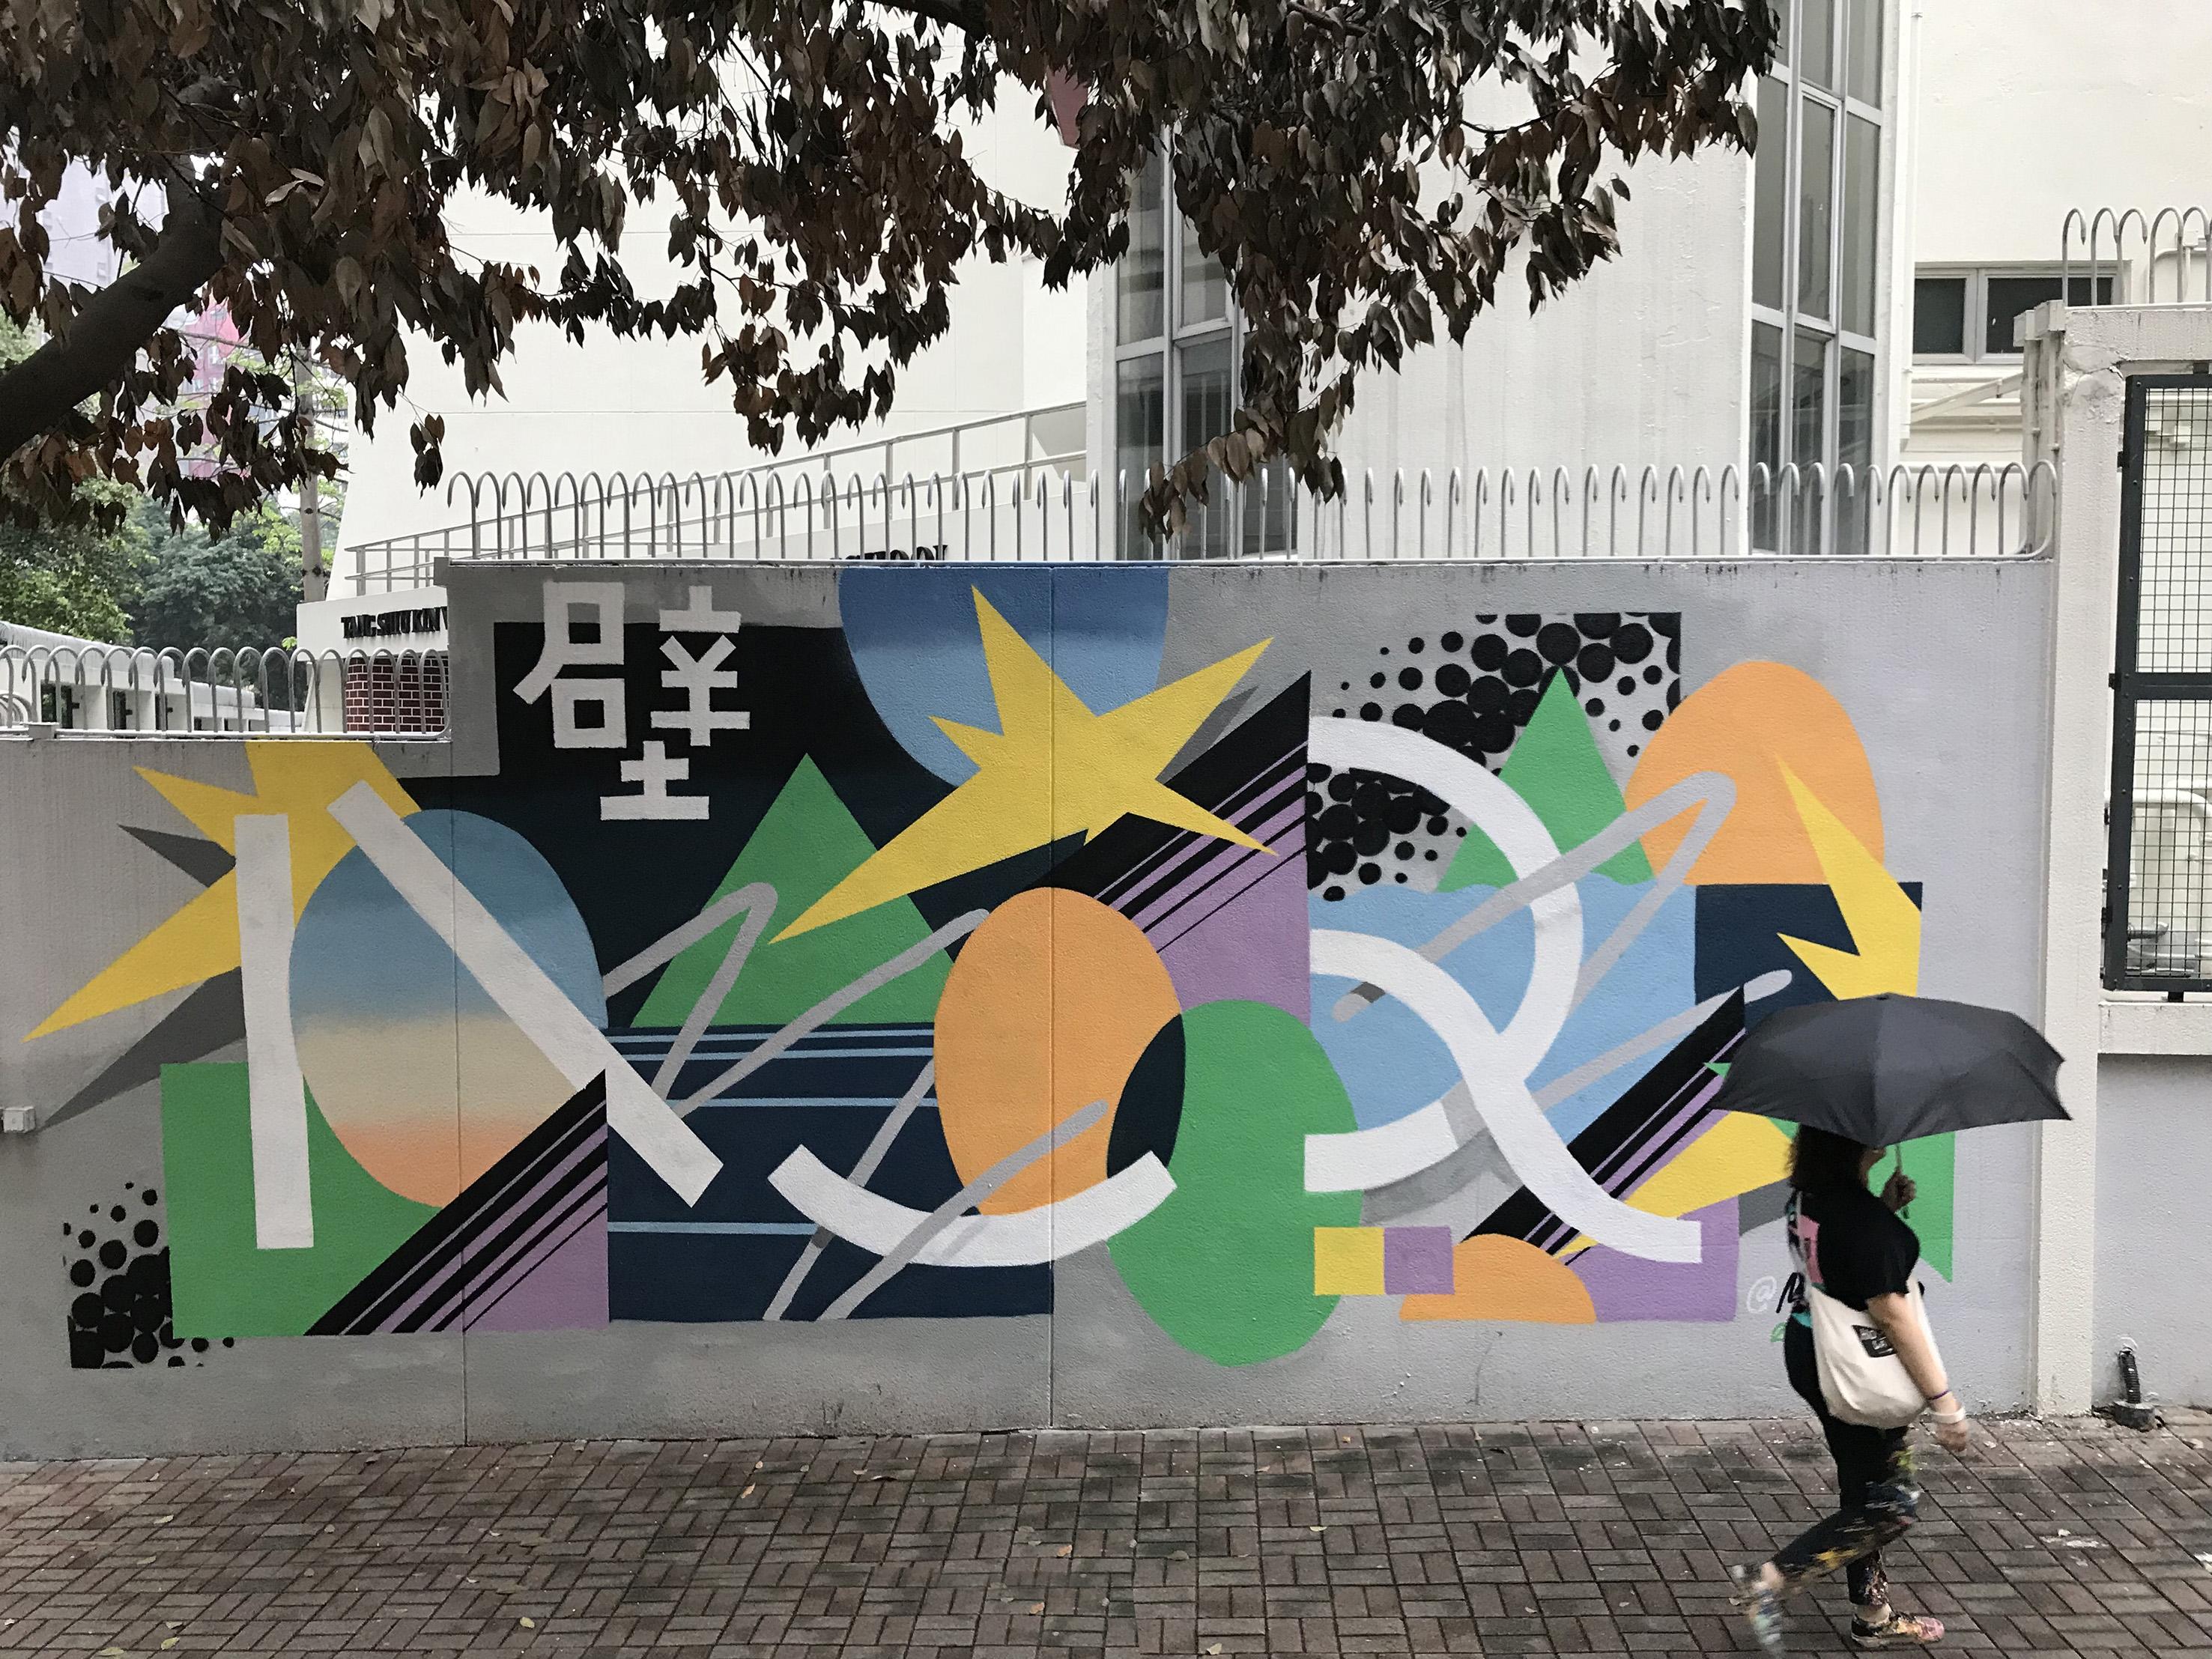 http://murone.net/wp-content/uploads/Iker-Muro-Murone-Hong-Kong 1